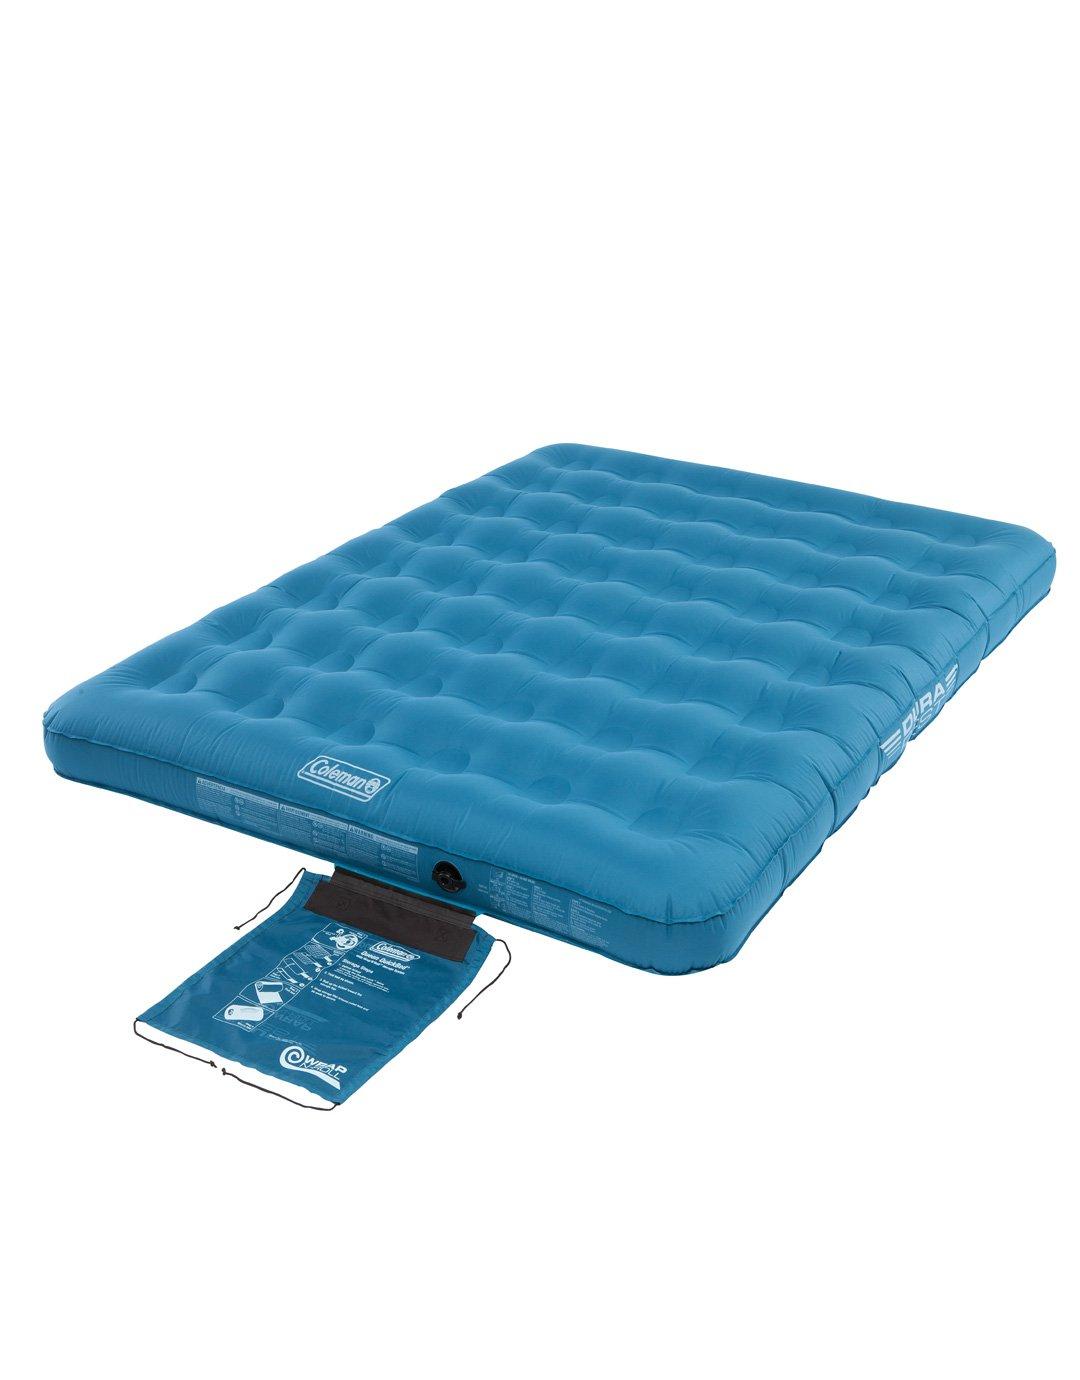 Coleman Luftbett/Luftmatratze Extra Double Airbed für 2 Personen